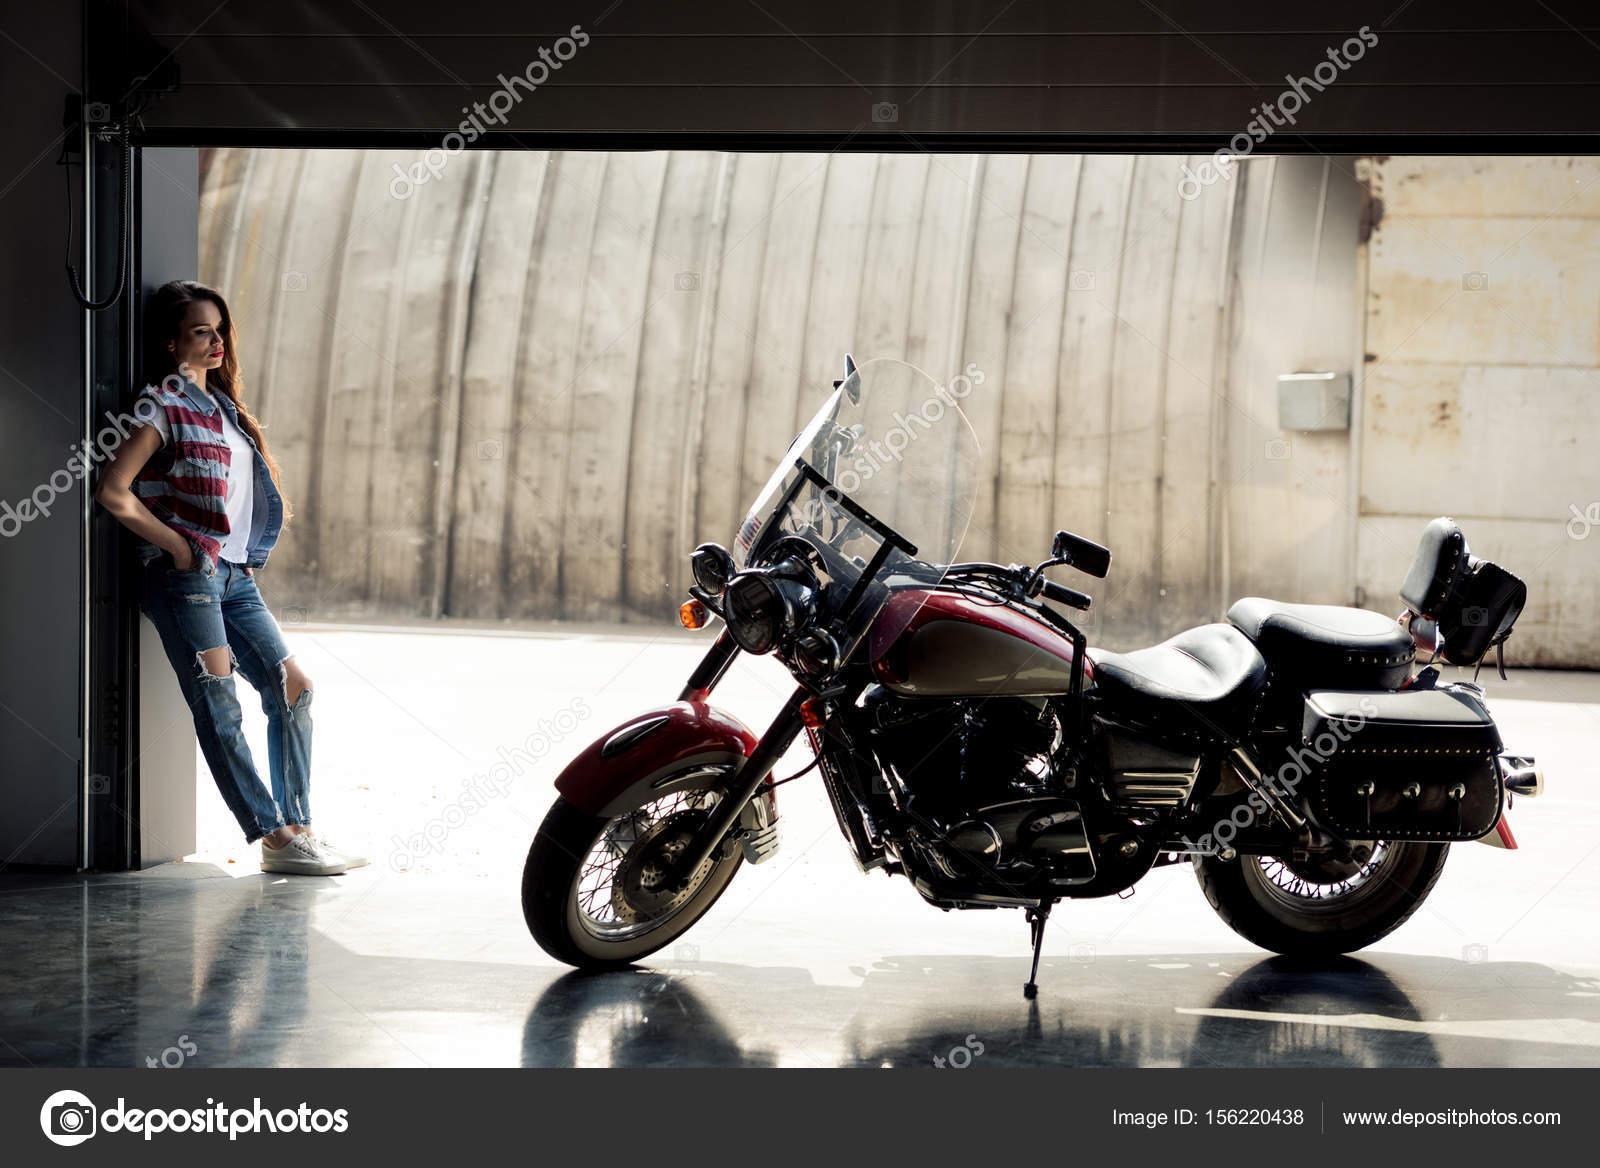 Mit motorrad frau Als Frau